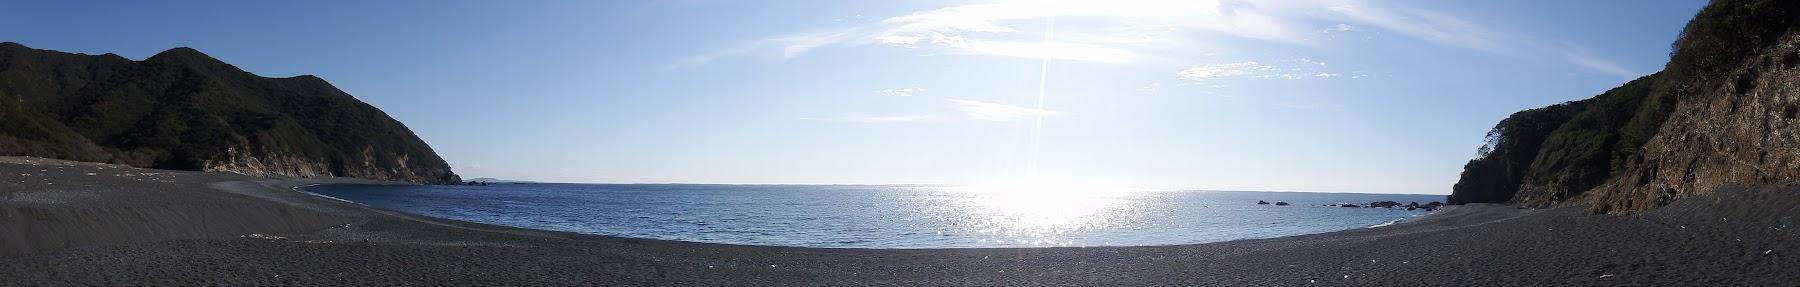 塩竈浜のパノラマ